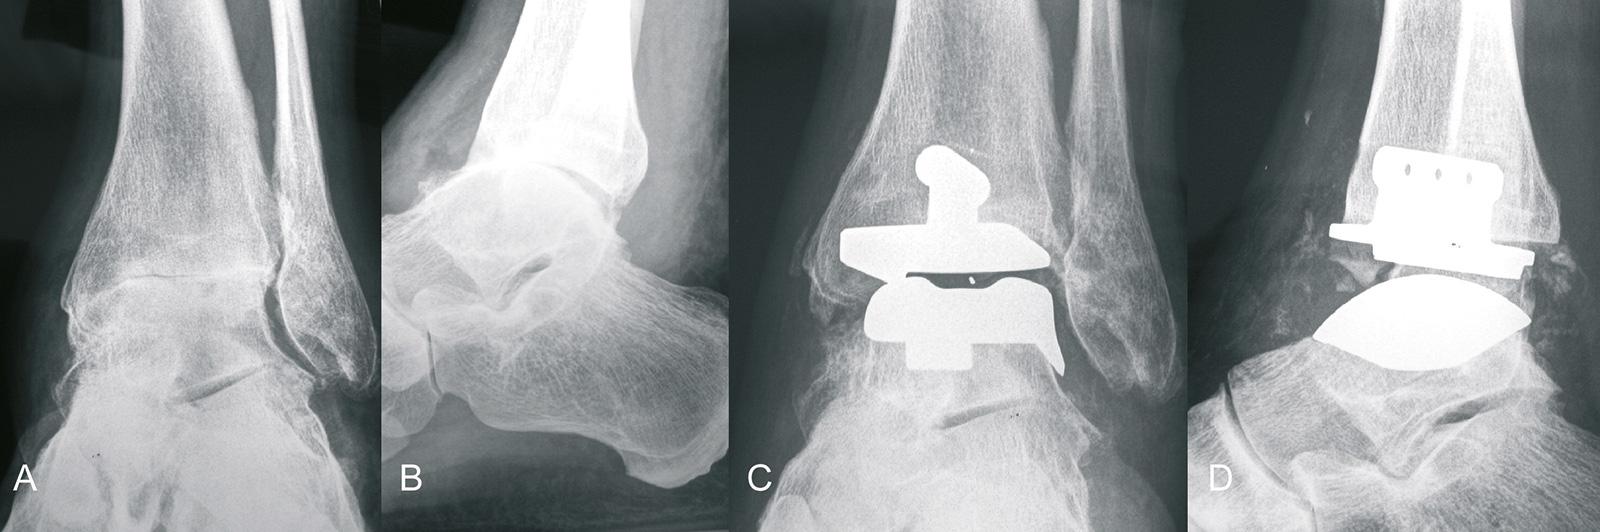 Abb. 1-50: Arthrose des oberen Sprunggelenks, Zustand nach Implantation einer zementfreien Sprunggelenksprothese (Eigentum des Instituts für Klinische Radiologie der Universität Münster)